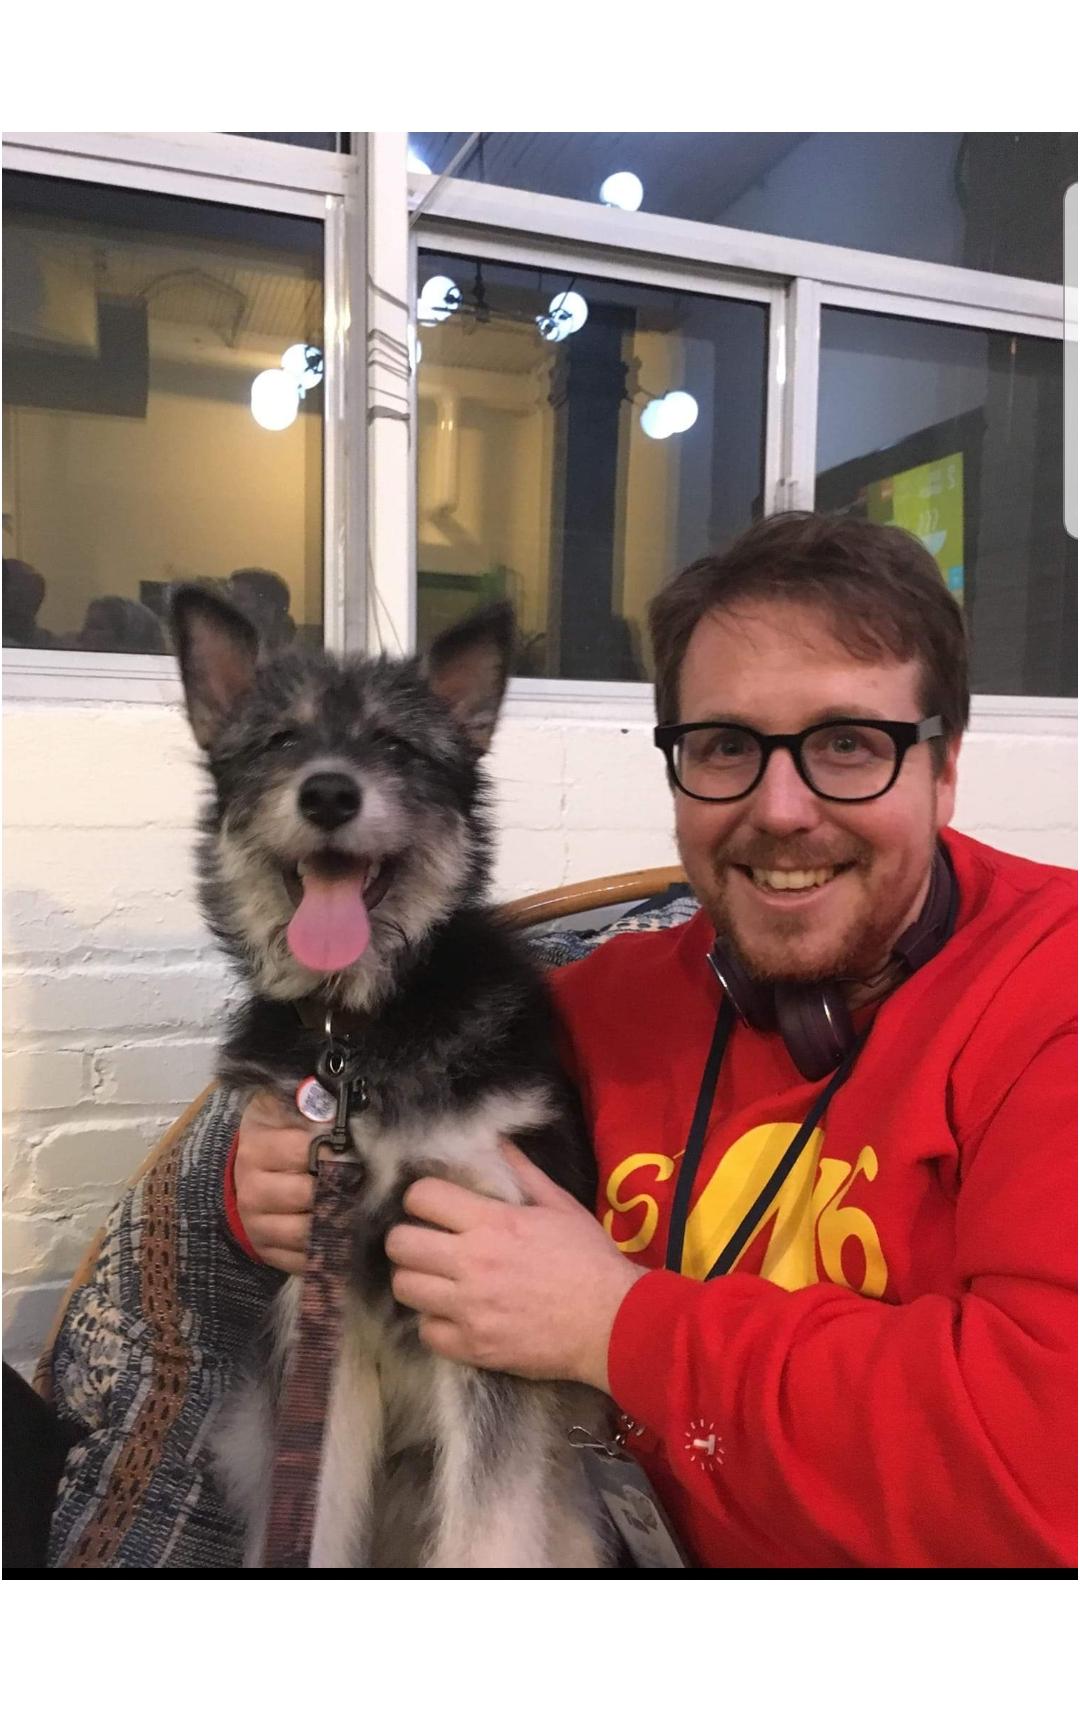 Tim & Dog